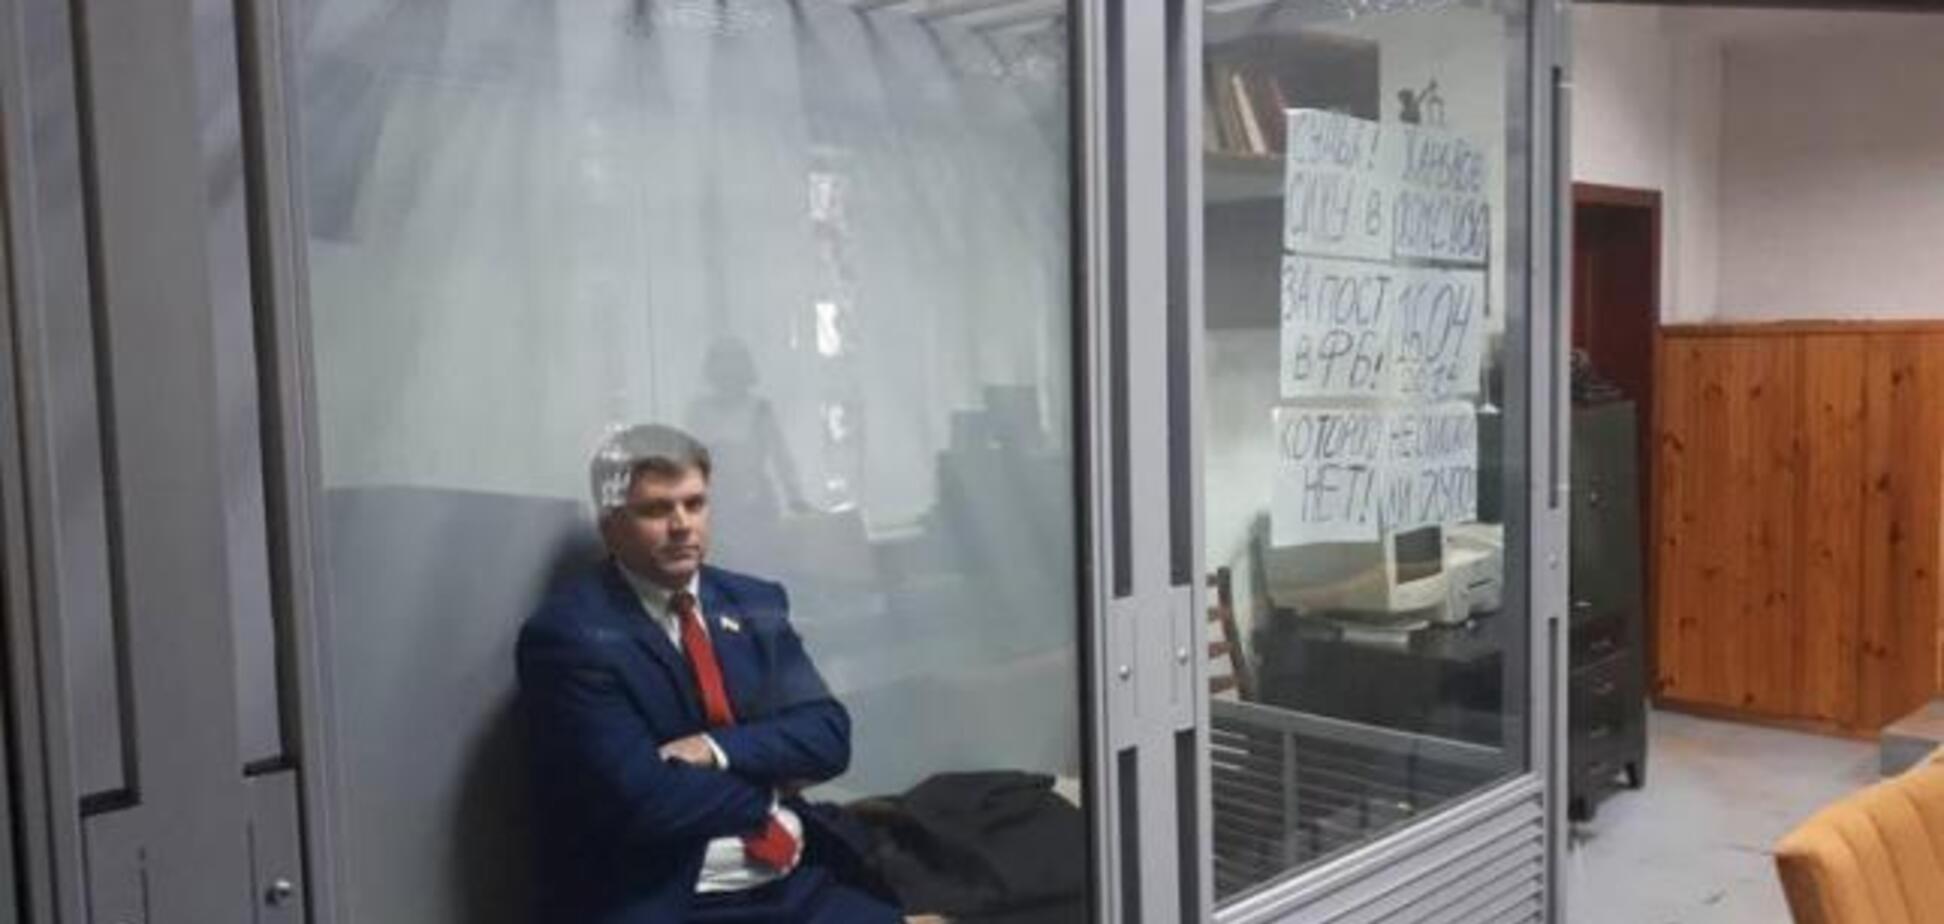 Скандального проросійського екс-депутата випустили із СІЗО